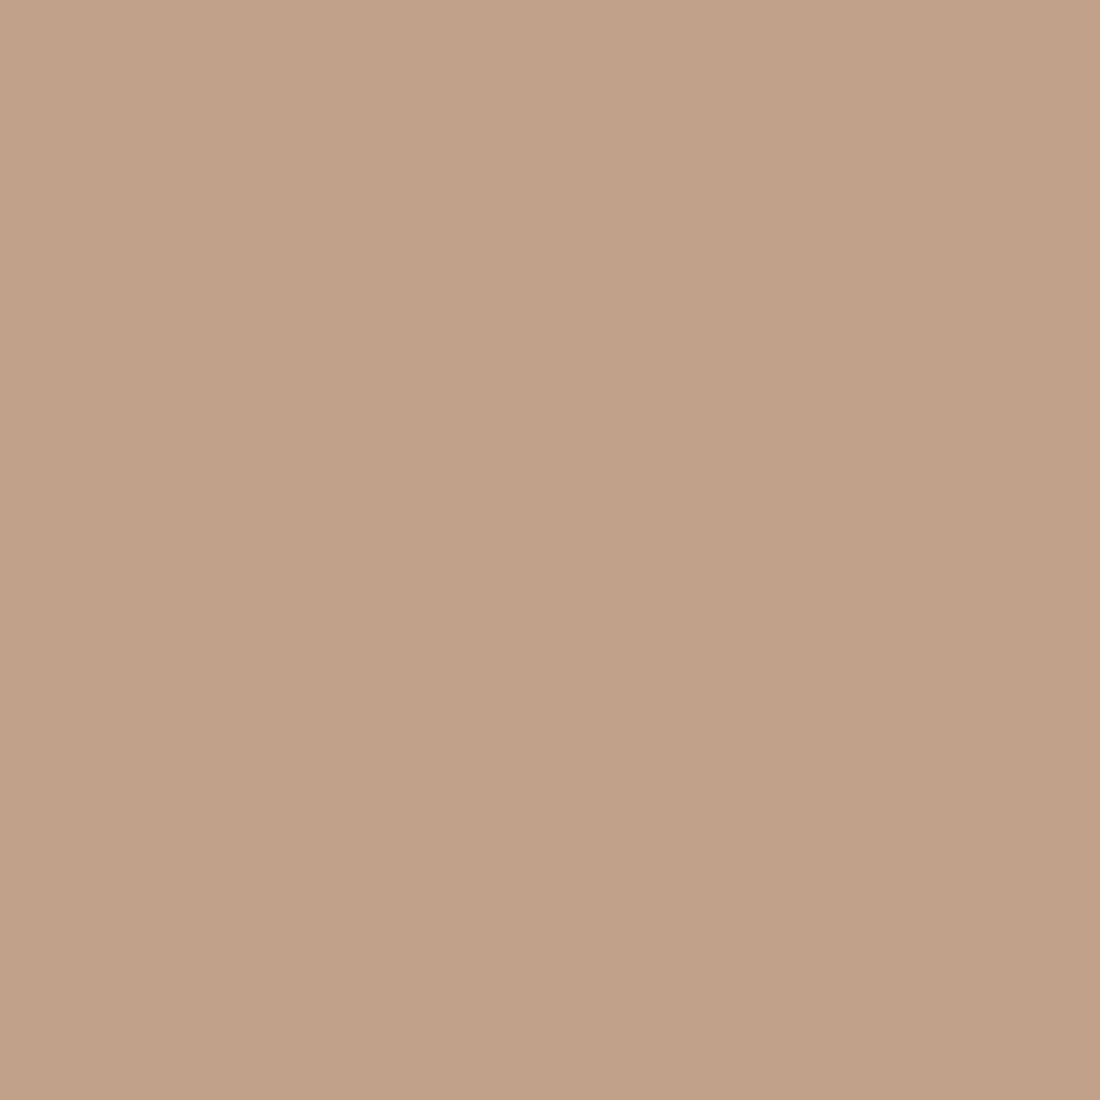 8533BS - Macchiato